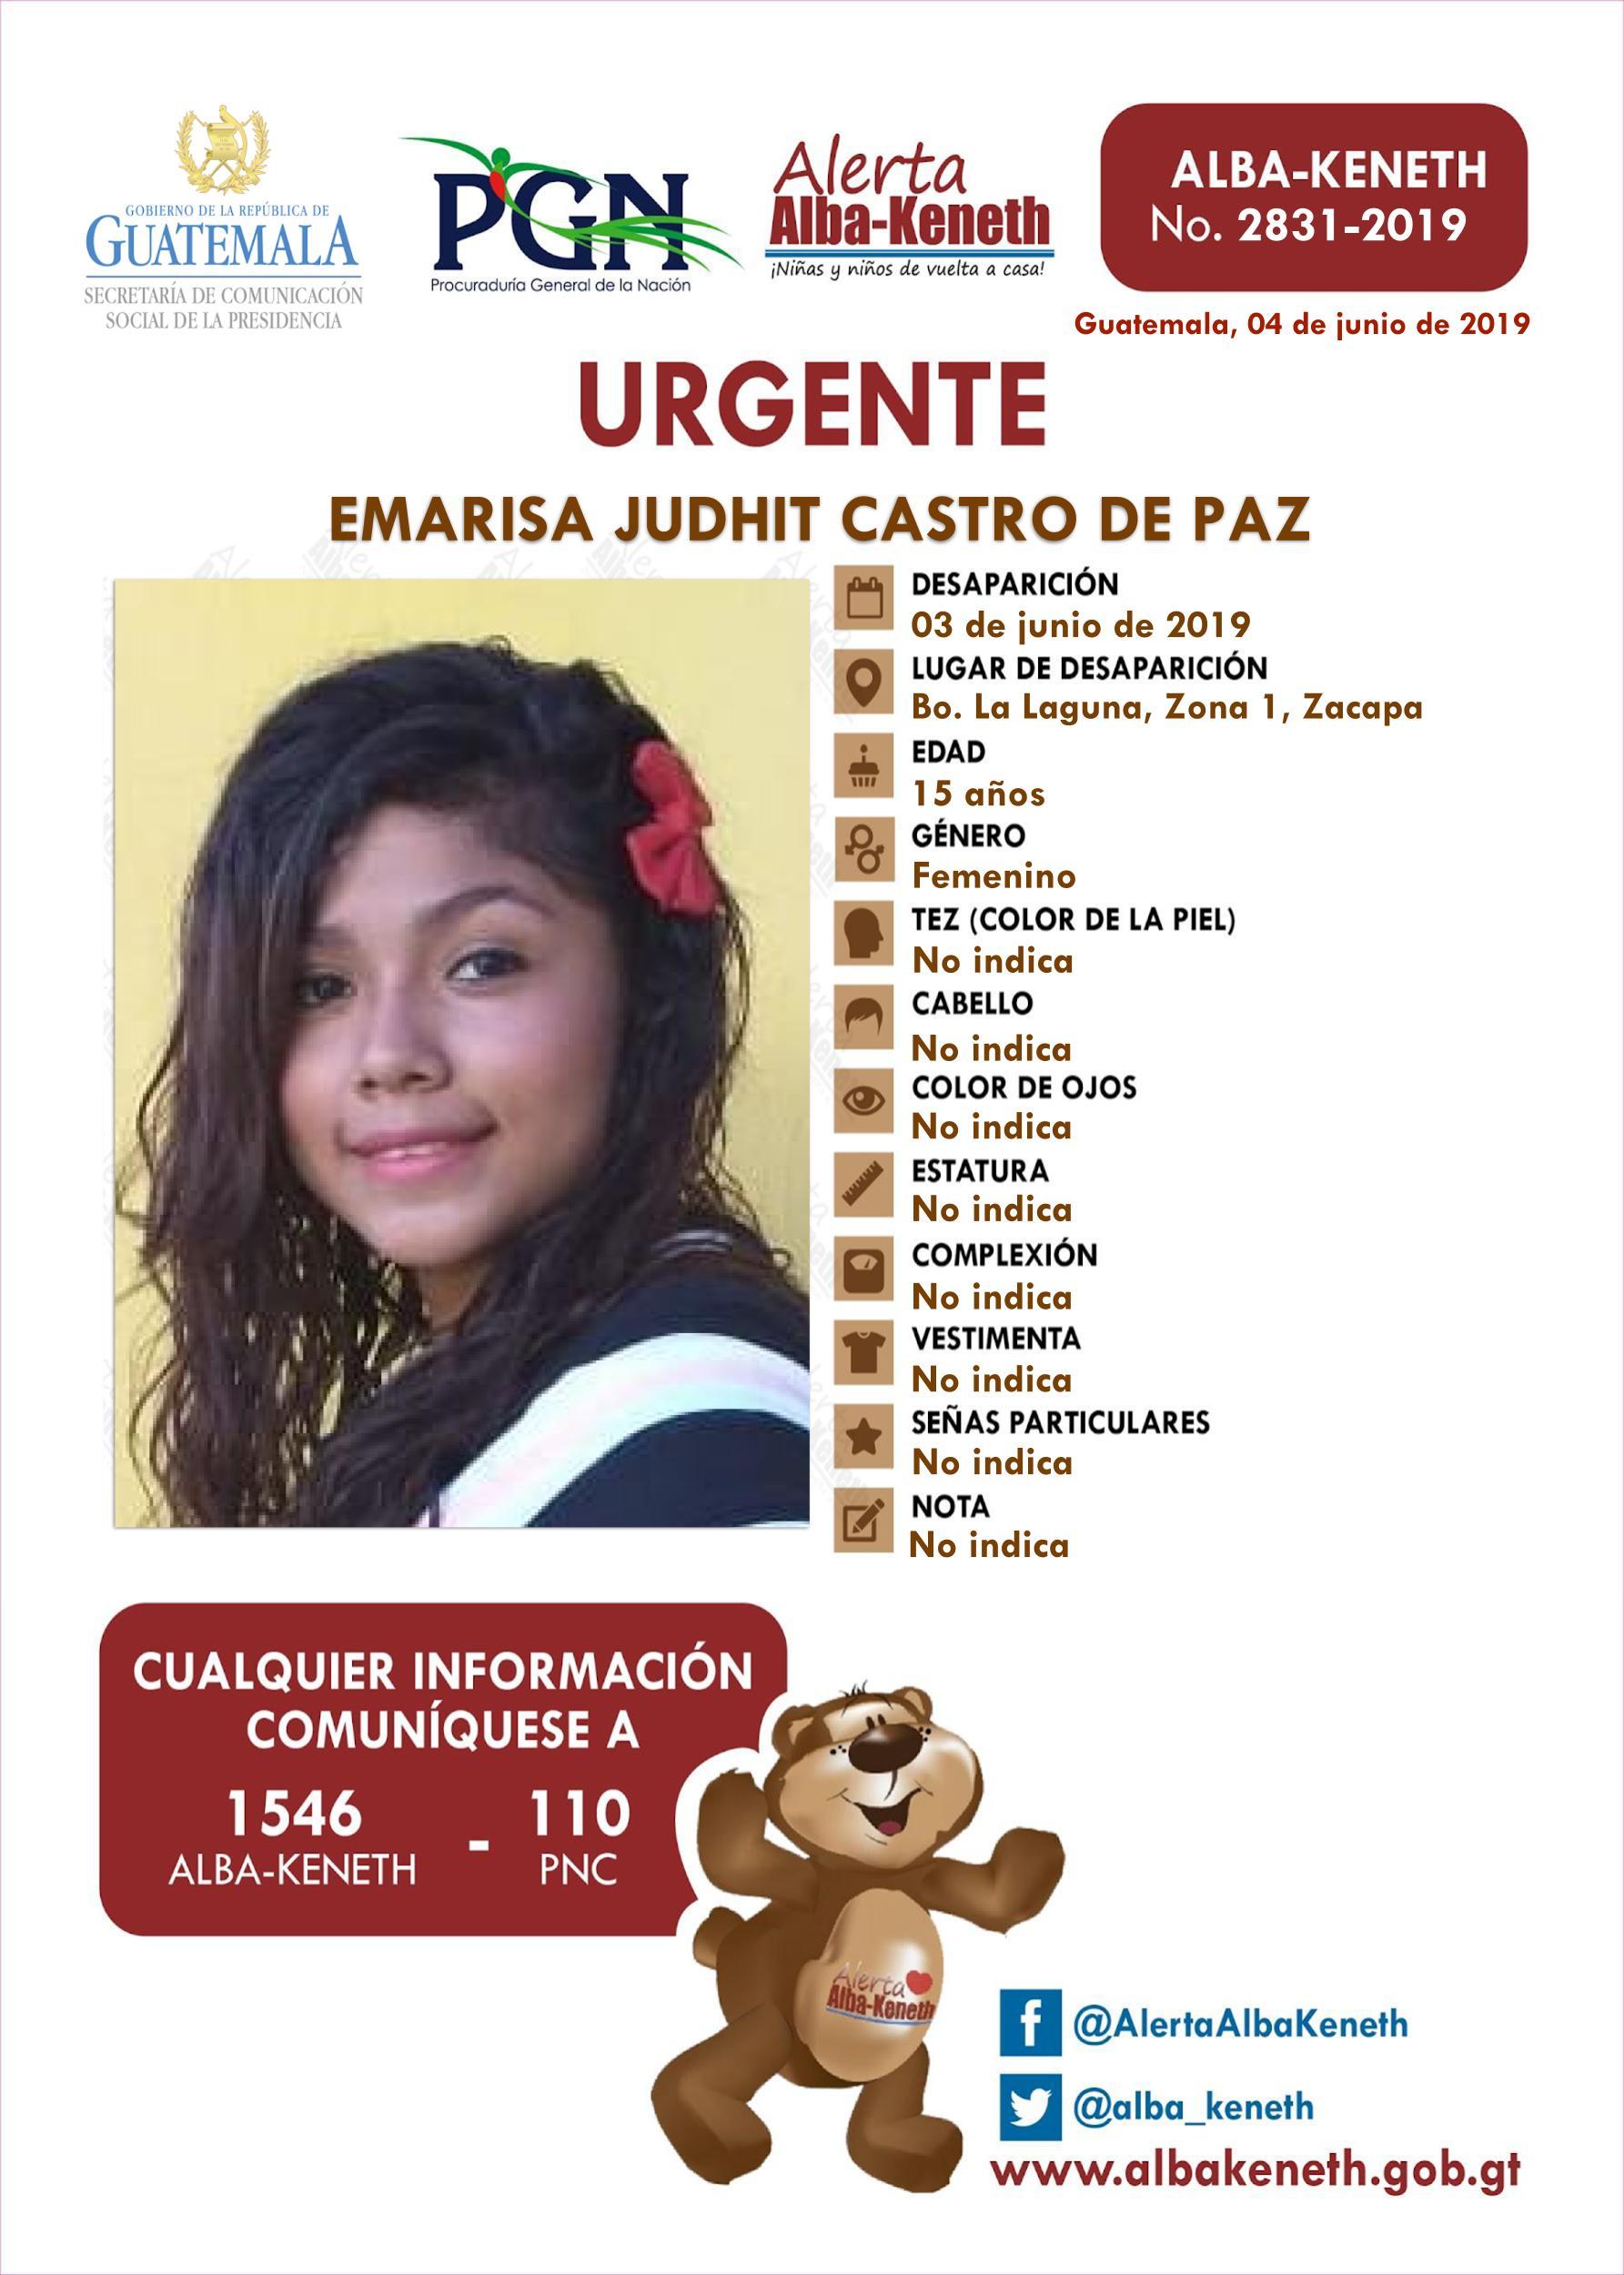 Emarisa Judith Castro de Paz